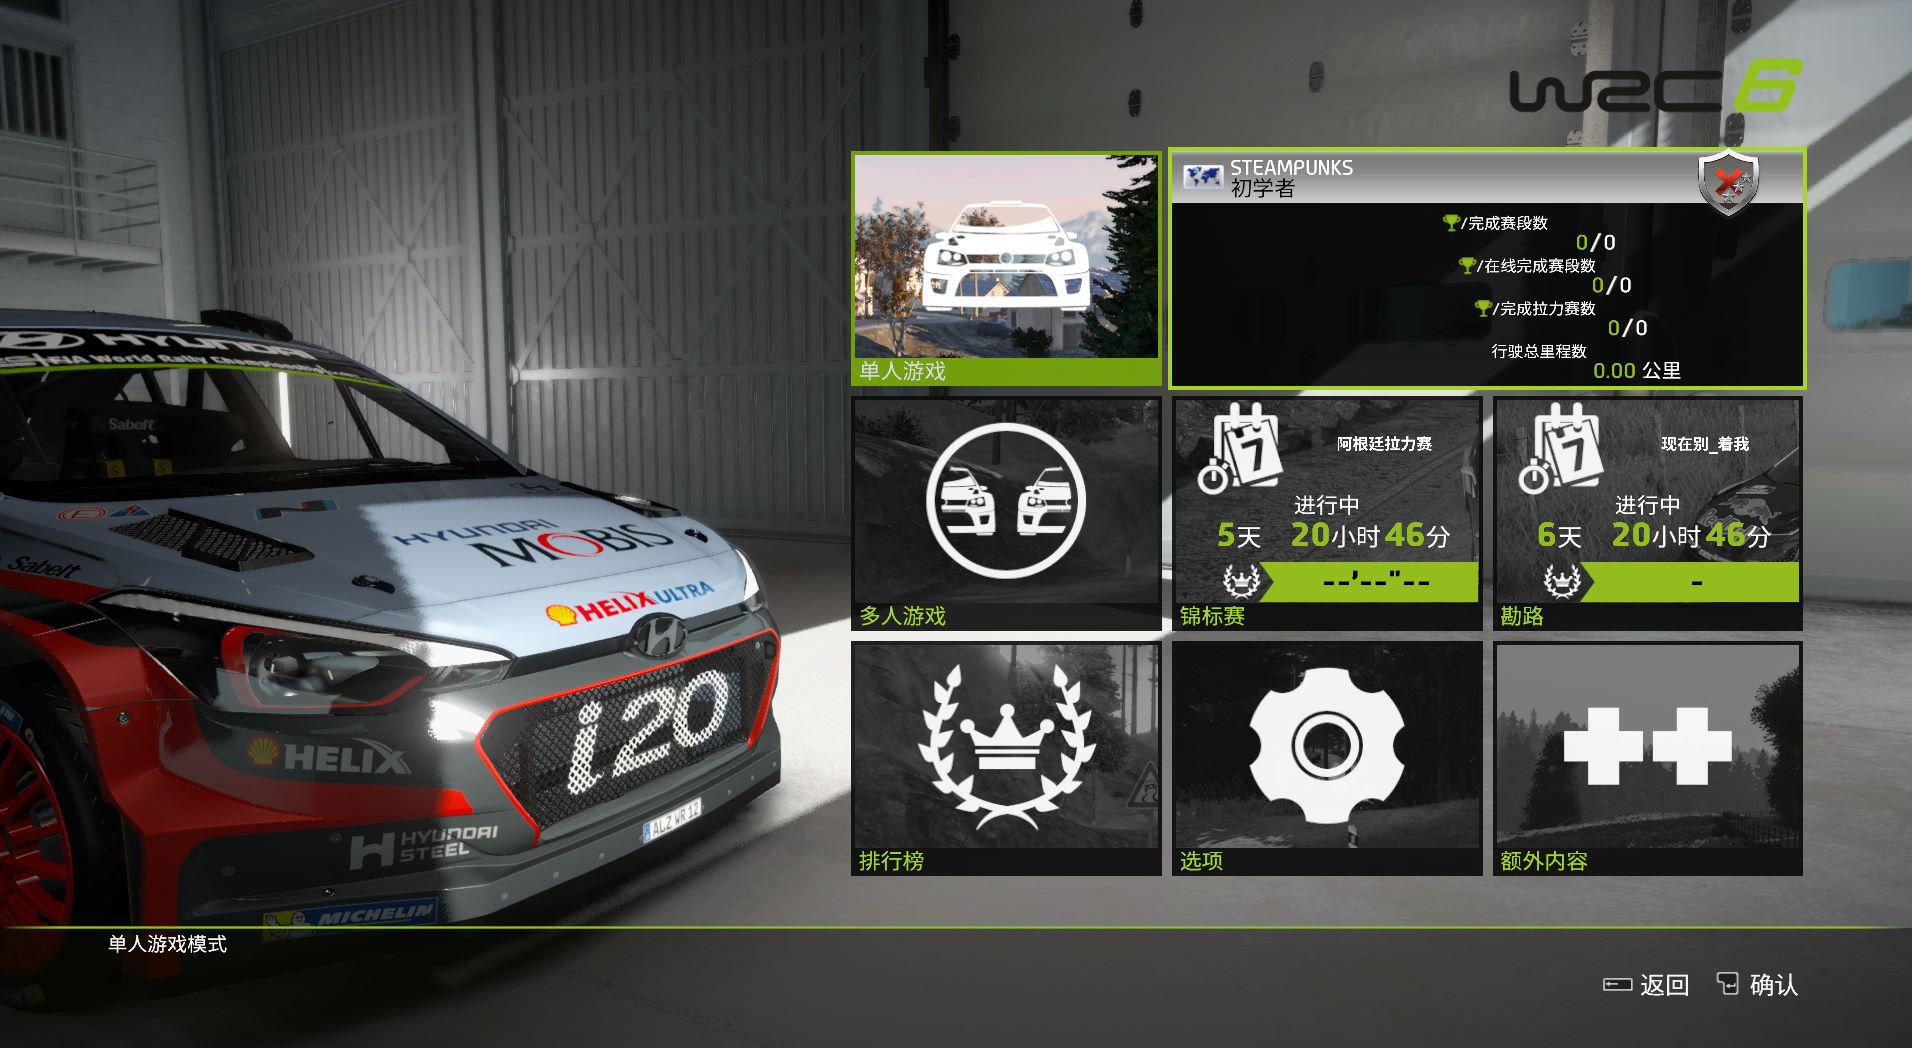 世界汽车拉力锦标赛6 中文截图